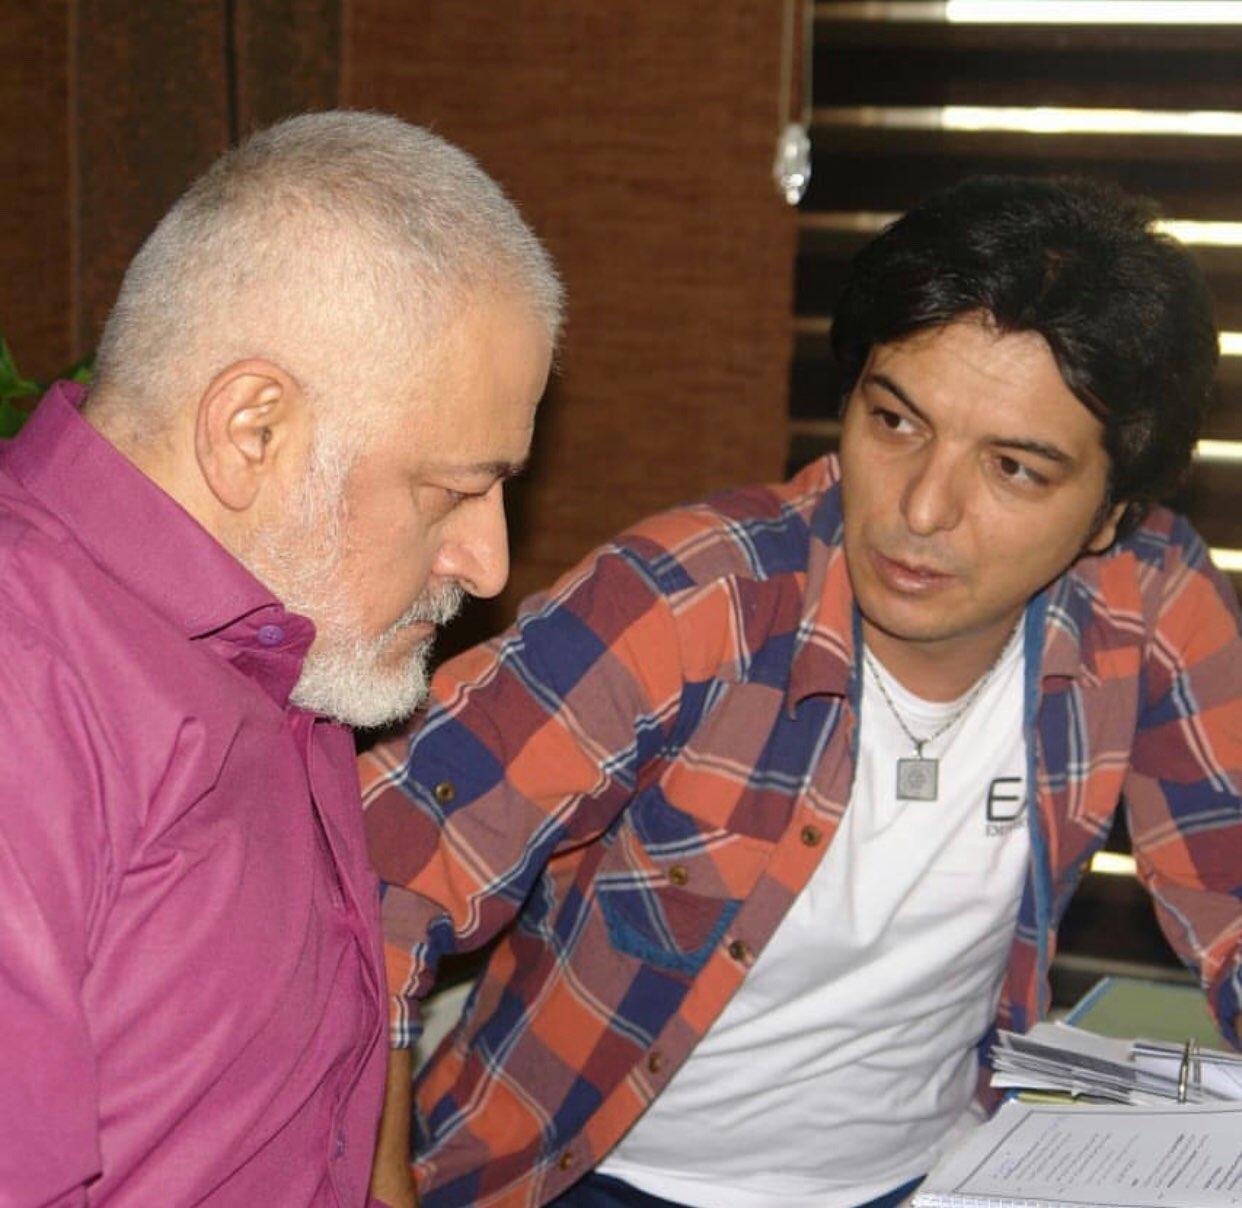 مجید مشیری در پشت صحنه سریال تلویزیونی مس به همراه عبدالرضا صادقی جهانی